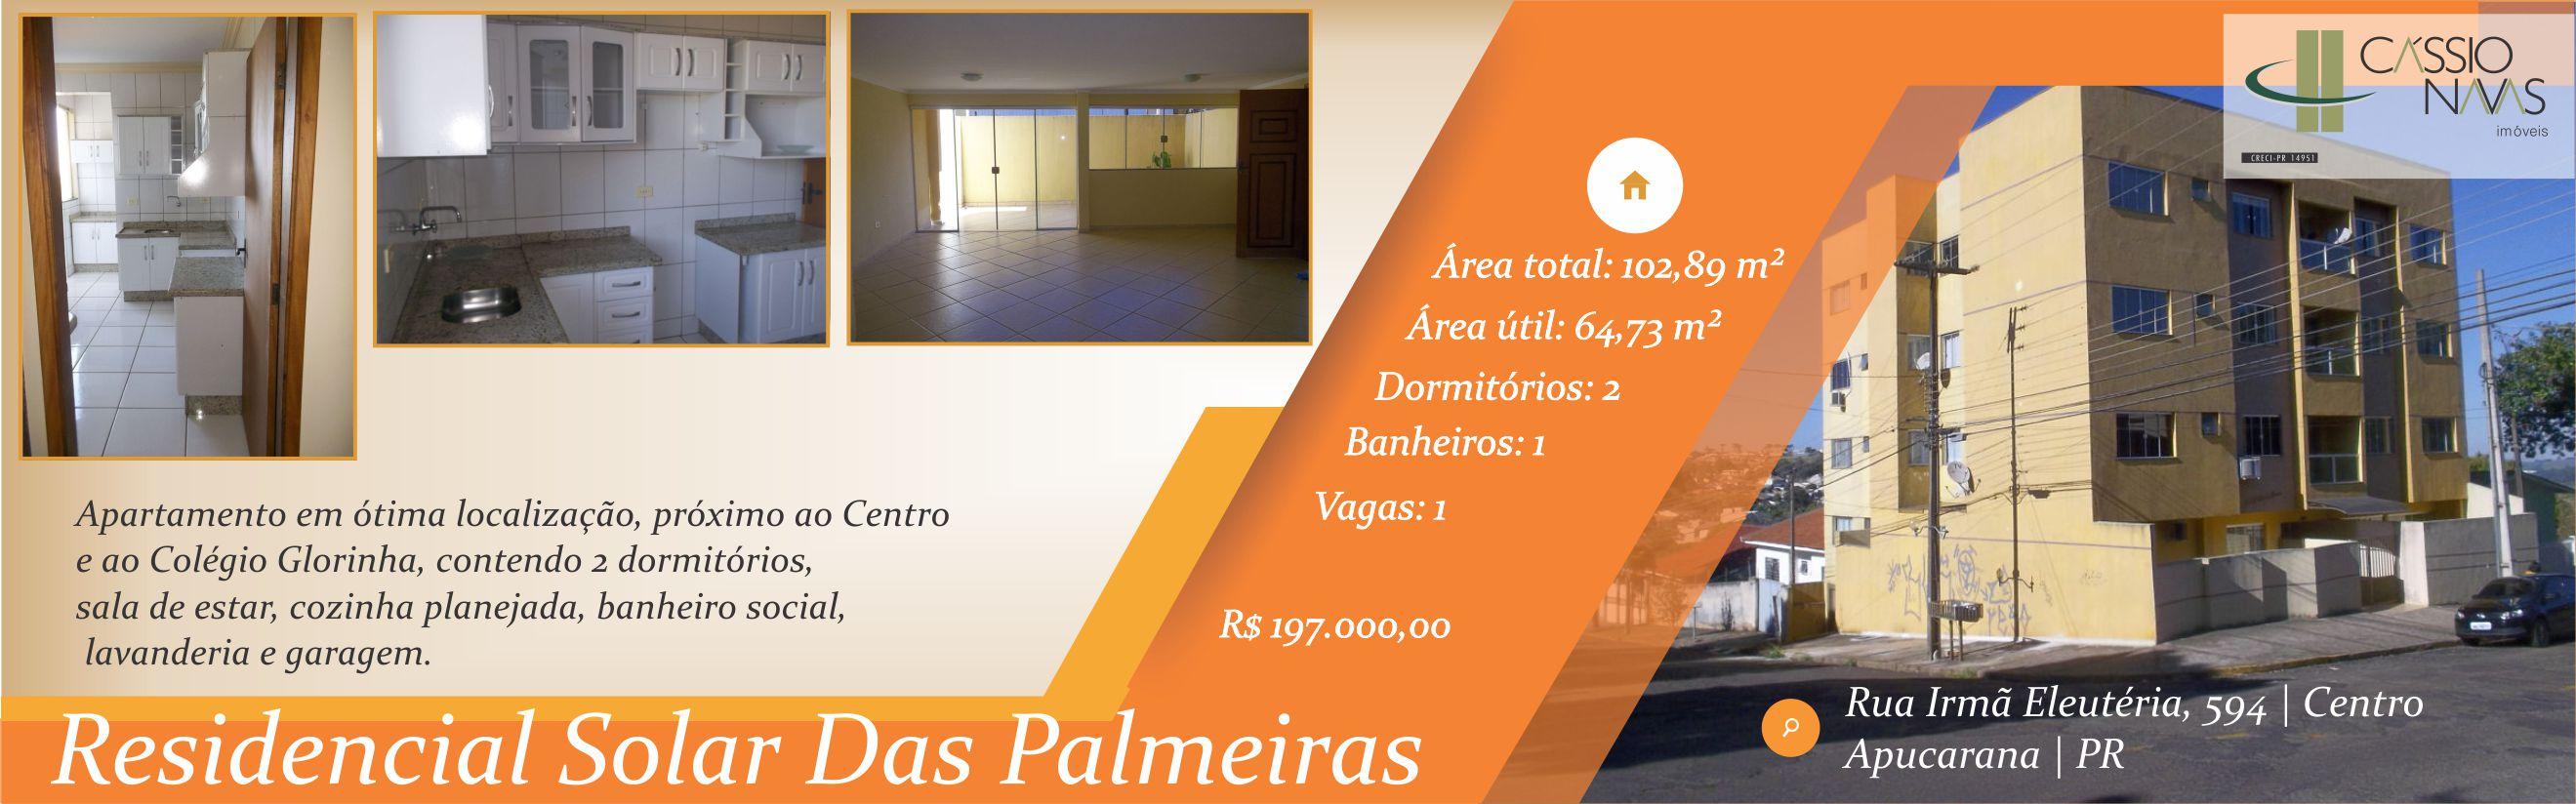 Apartamento Solar das Palmeiras 2º andar